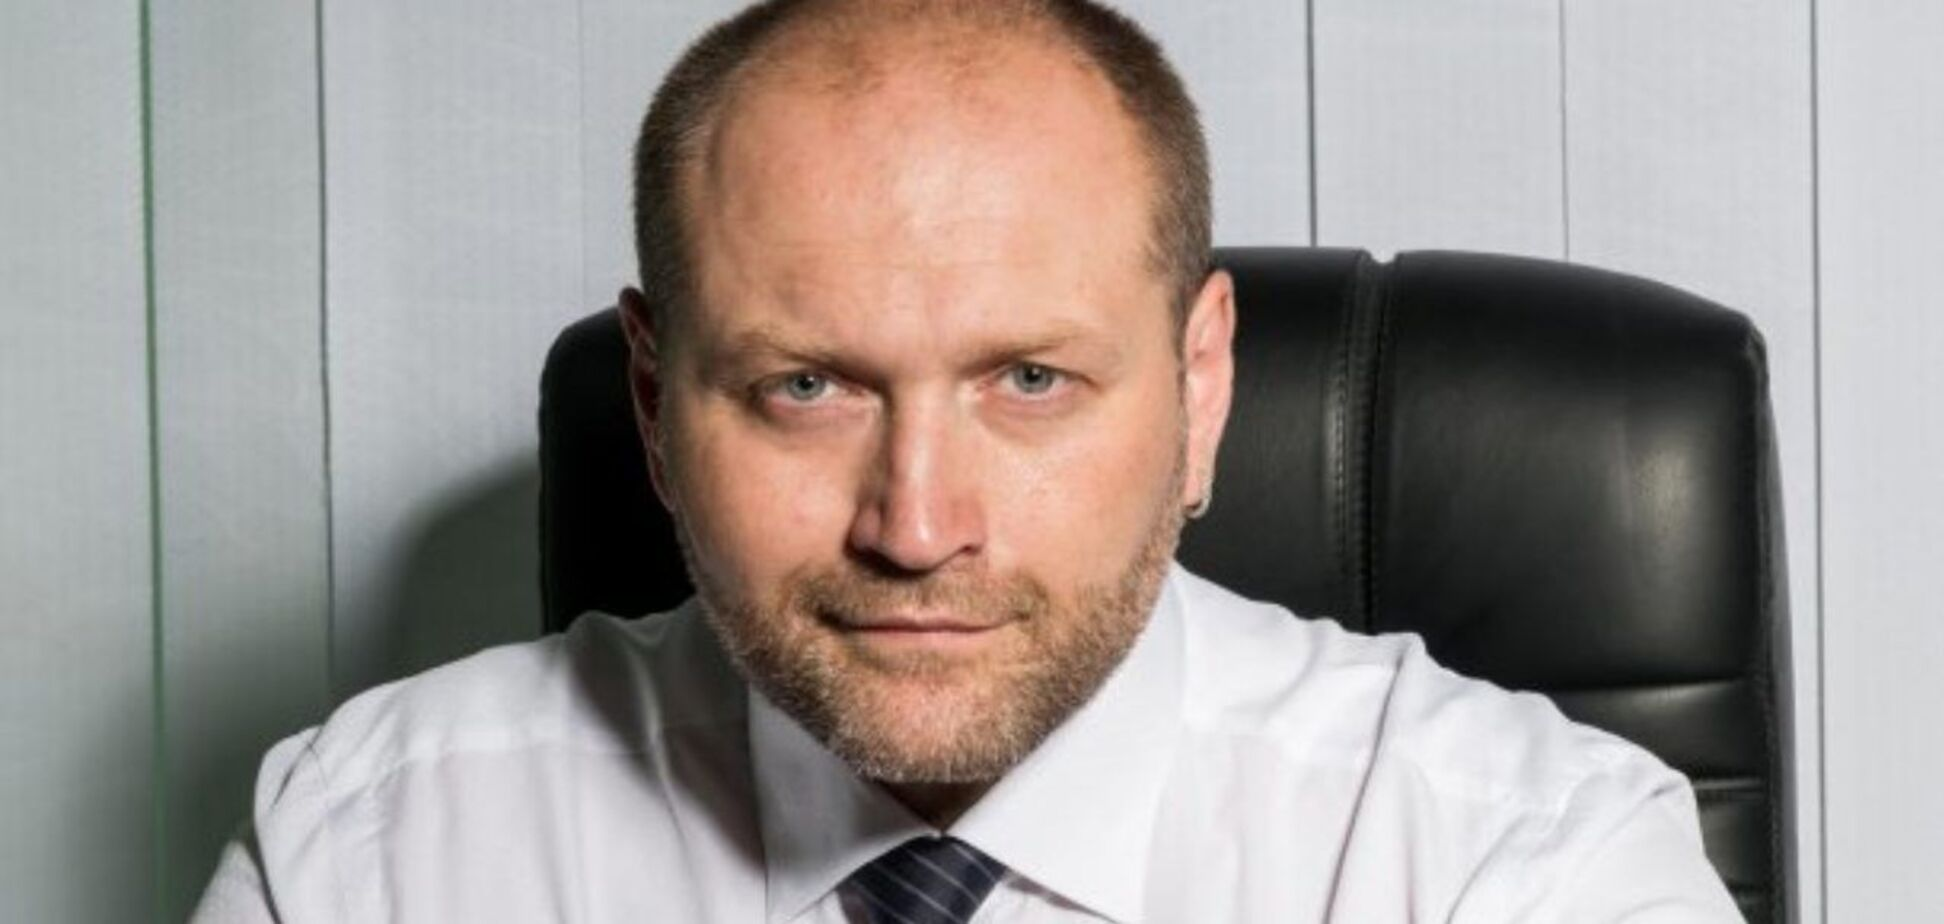 Береза возглавил рейтинг самых ответственных политиков среди кандидатов в мэры Киева. Фото: Рубрика